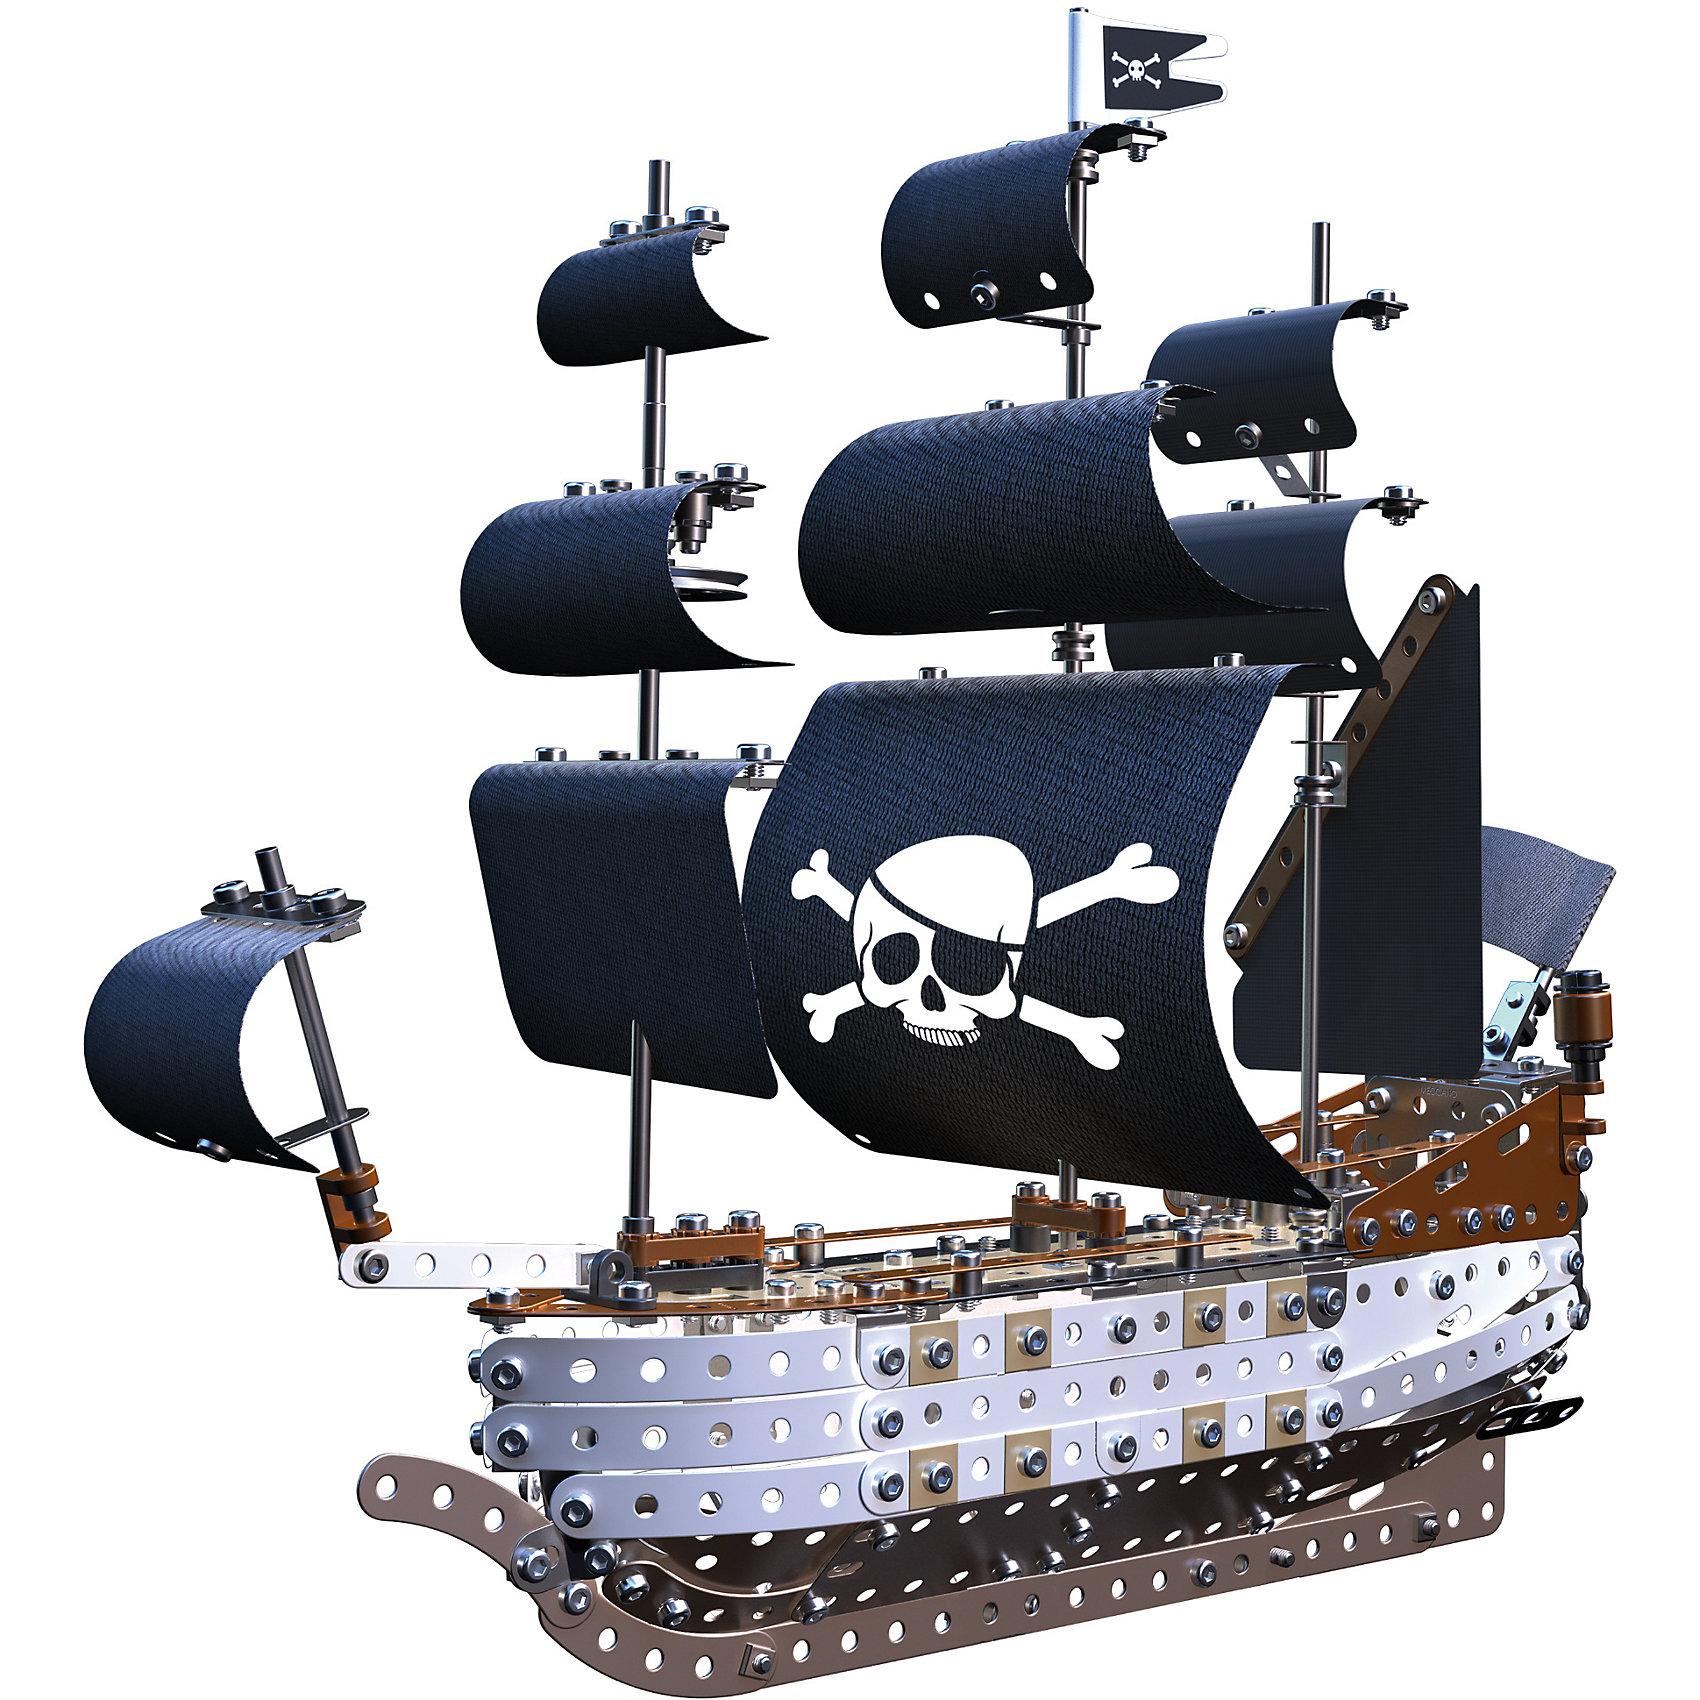 Пиратский корабль, MeccanoМеталлические конструкторы<br>Пиратский корабль Meccano собирается из 630 металлических деталей. Корабль ставится на металлических постамент, закрепляясь на двух сваях. Детали для конструирования модели выполнены в разных цветах, имитирующих дерево. Детали обшивки плотно прилегают друг к другу. Корабль оснащен тремя мачтами, такелаж и снасти прекрасно детализированы. Здесь же размещаются белоснежные паруса и небольшой пиратский флаг с Веселым Роджером.<br>В набор входят специальные инструменты для закрепления деталей. Все металлические элементы можно совместить с другими наборами конструктора Меккано.<br><br>Дополнительная информация:<br><br>- Материал: металл.<br>- Размер упаковки: 40х25х7 см.<br>- Размер корабля: 47х42 см.<br>- Количество деталей: 630<br><br>Пиратский корабль, Meccano (Меккано), можно купить в нашем магазине.<br><br>Ширина мм: 400<br>Глубина мм: 250<br>Высота мм: 70<br>Вес г: 1370<br>Возраст от месяцев: 120<br>Возраст до месяцев: 192<br>Пол: Мужской<br>Возраст: Детский<br>SKU: 4278453